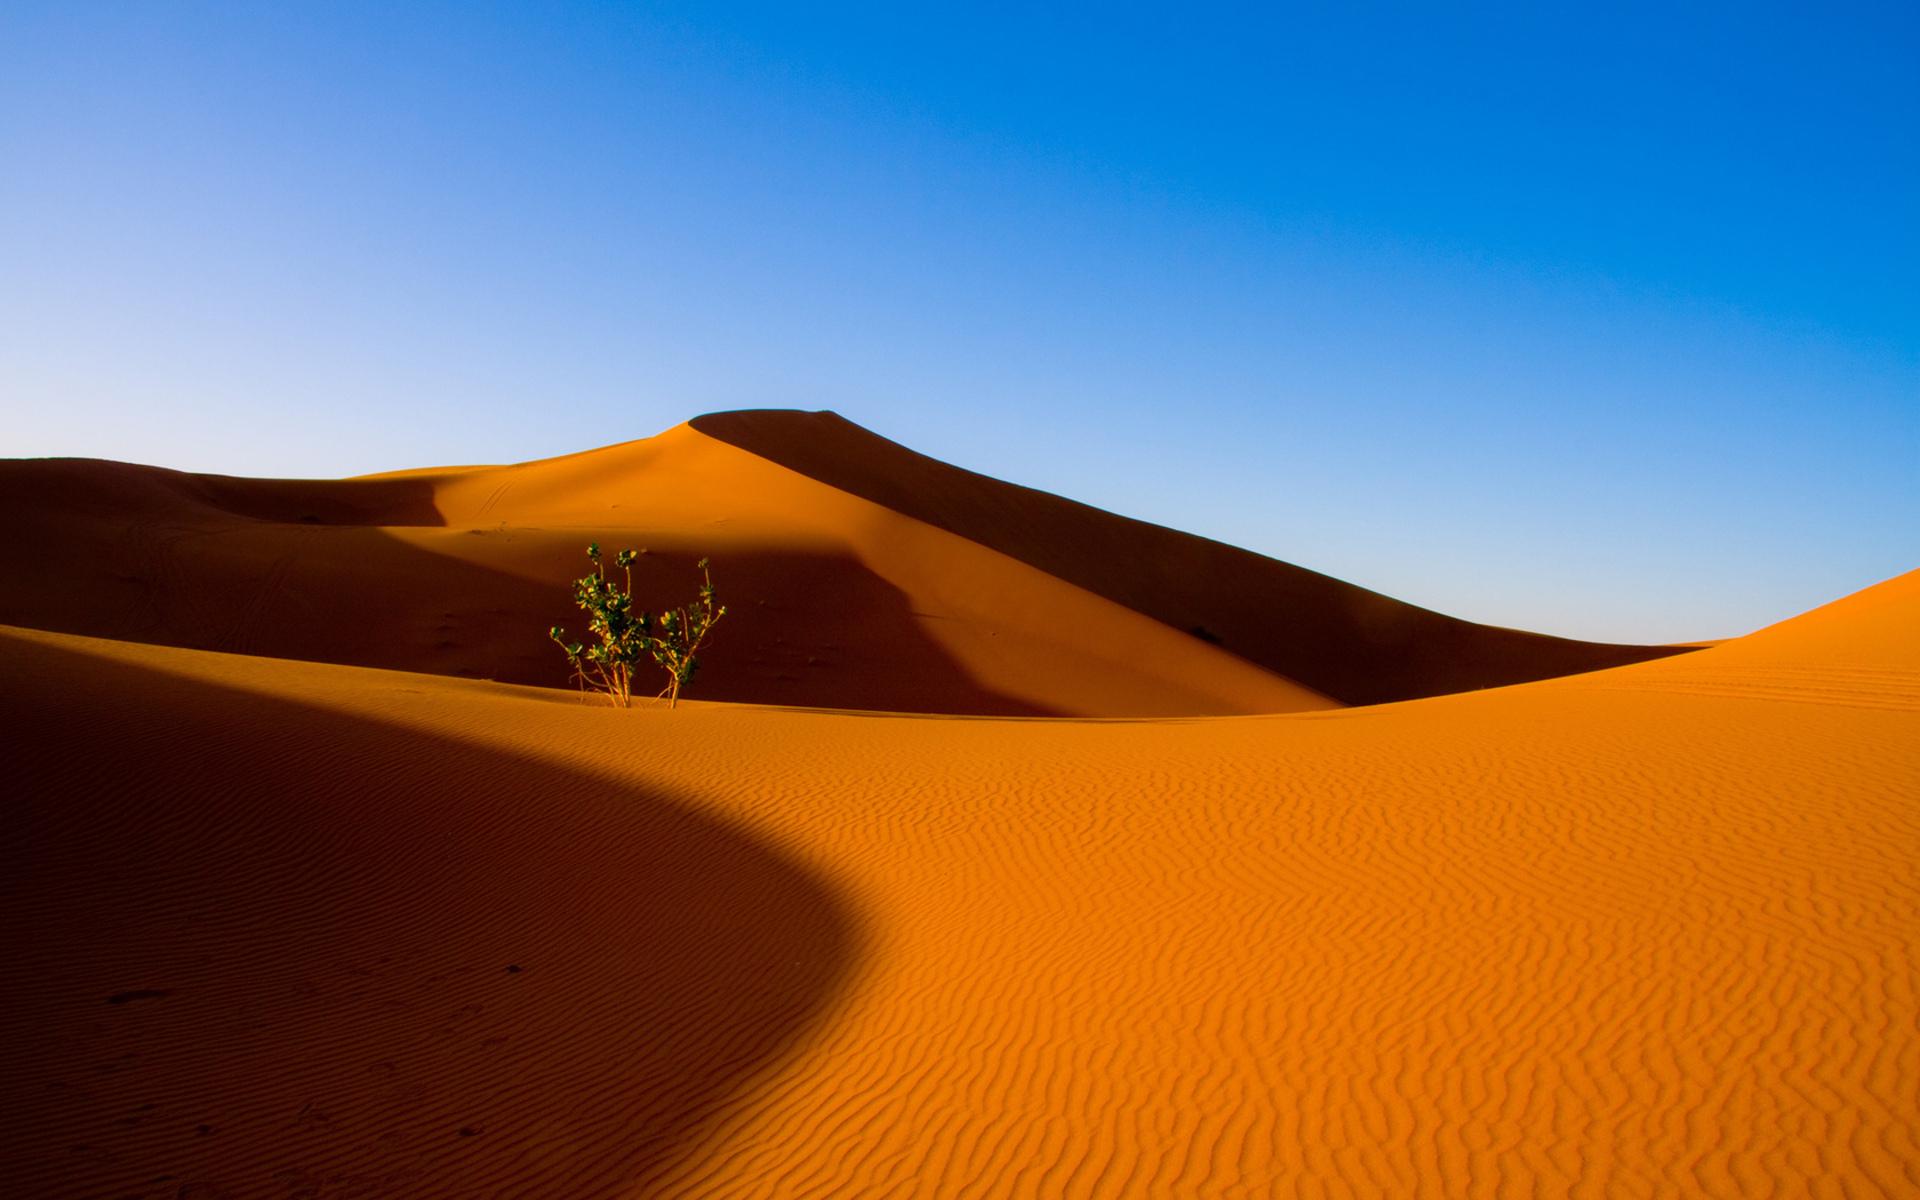 картинки пустыня для рабочего стола ему, что вас